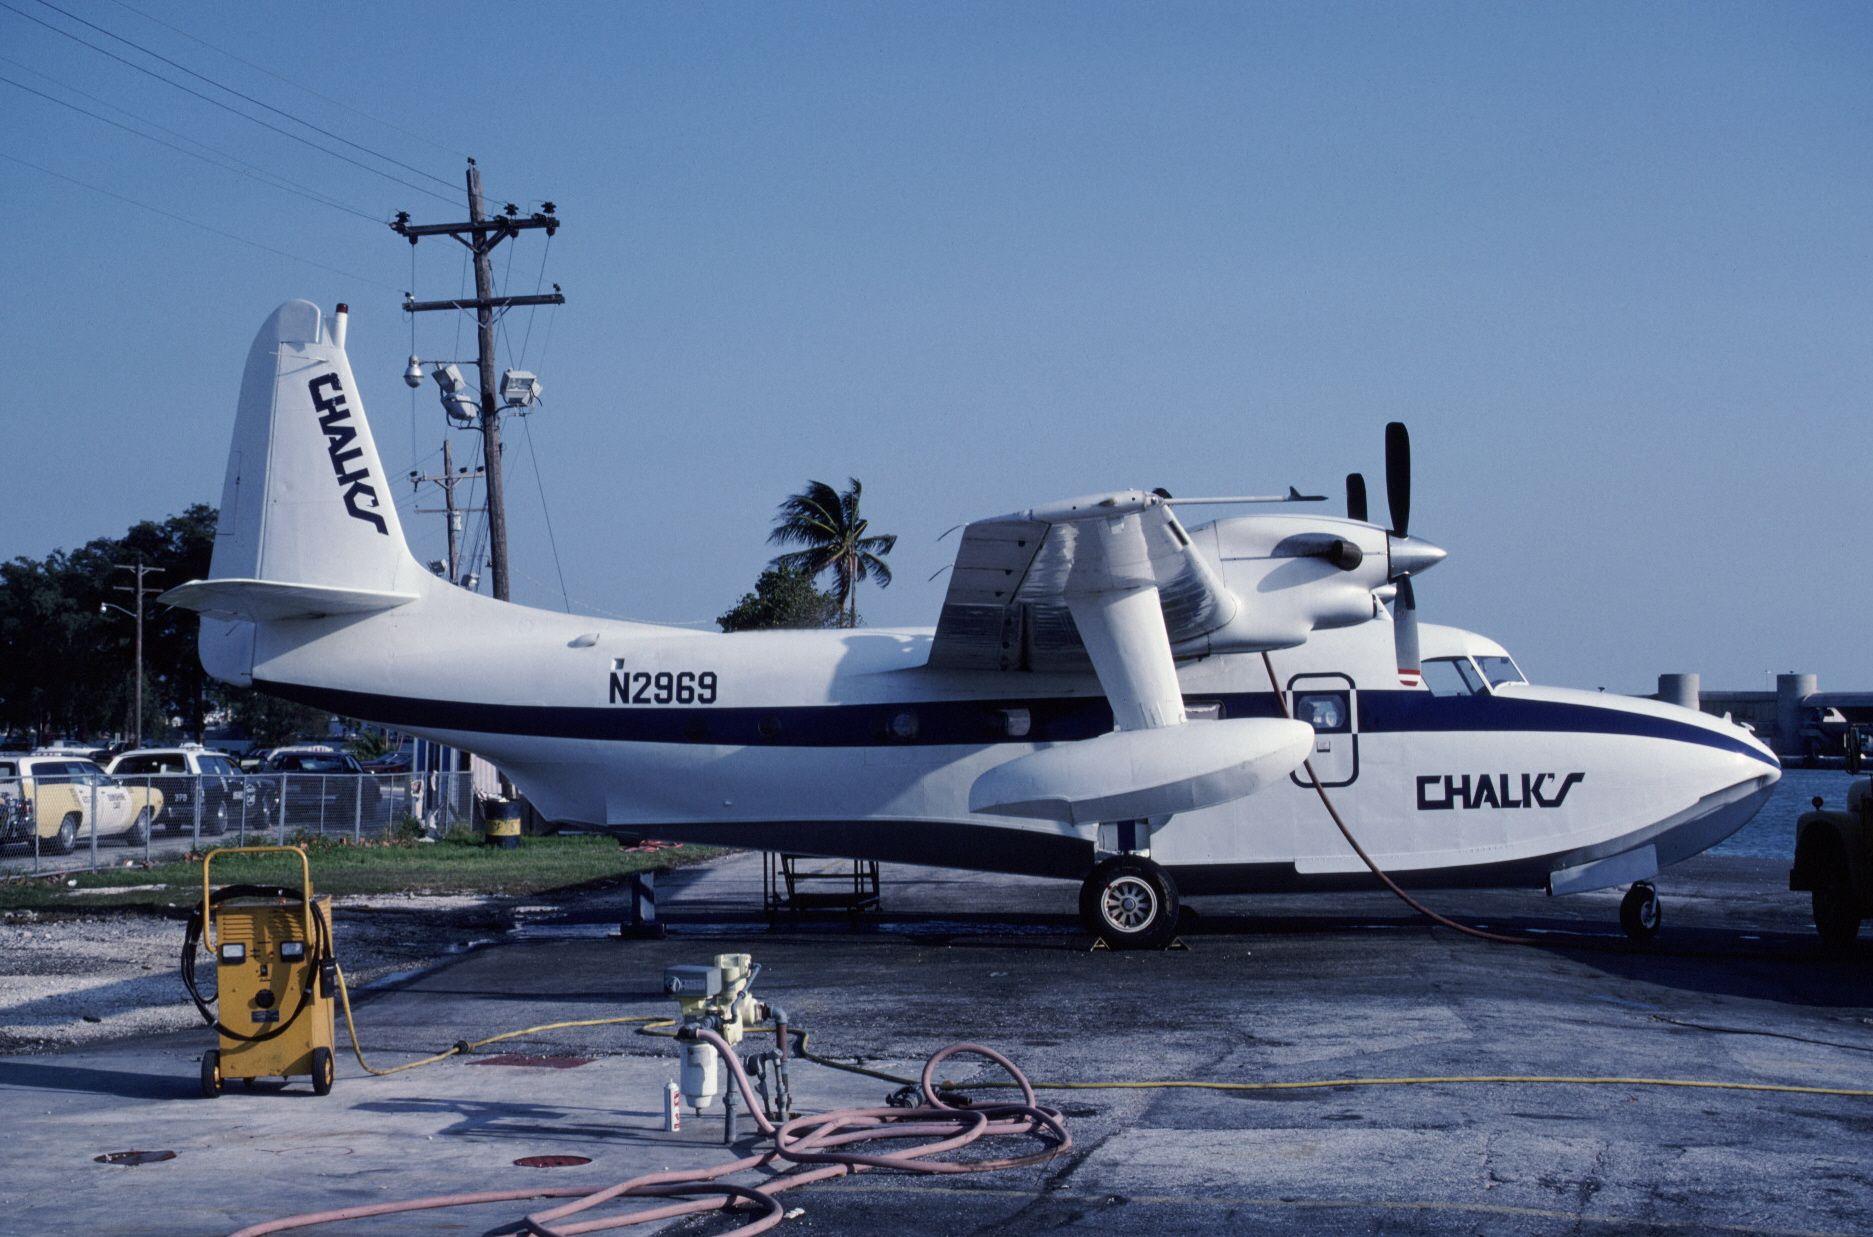 Chalks seaplanes Original Miami through the years